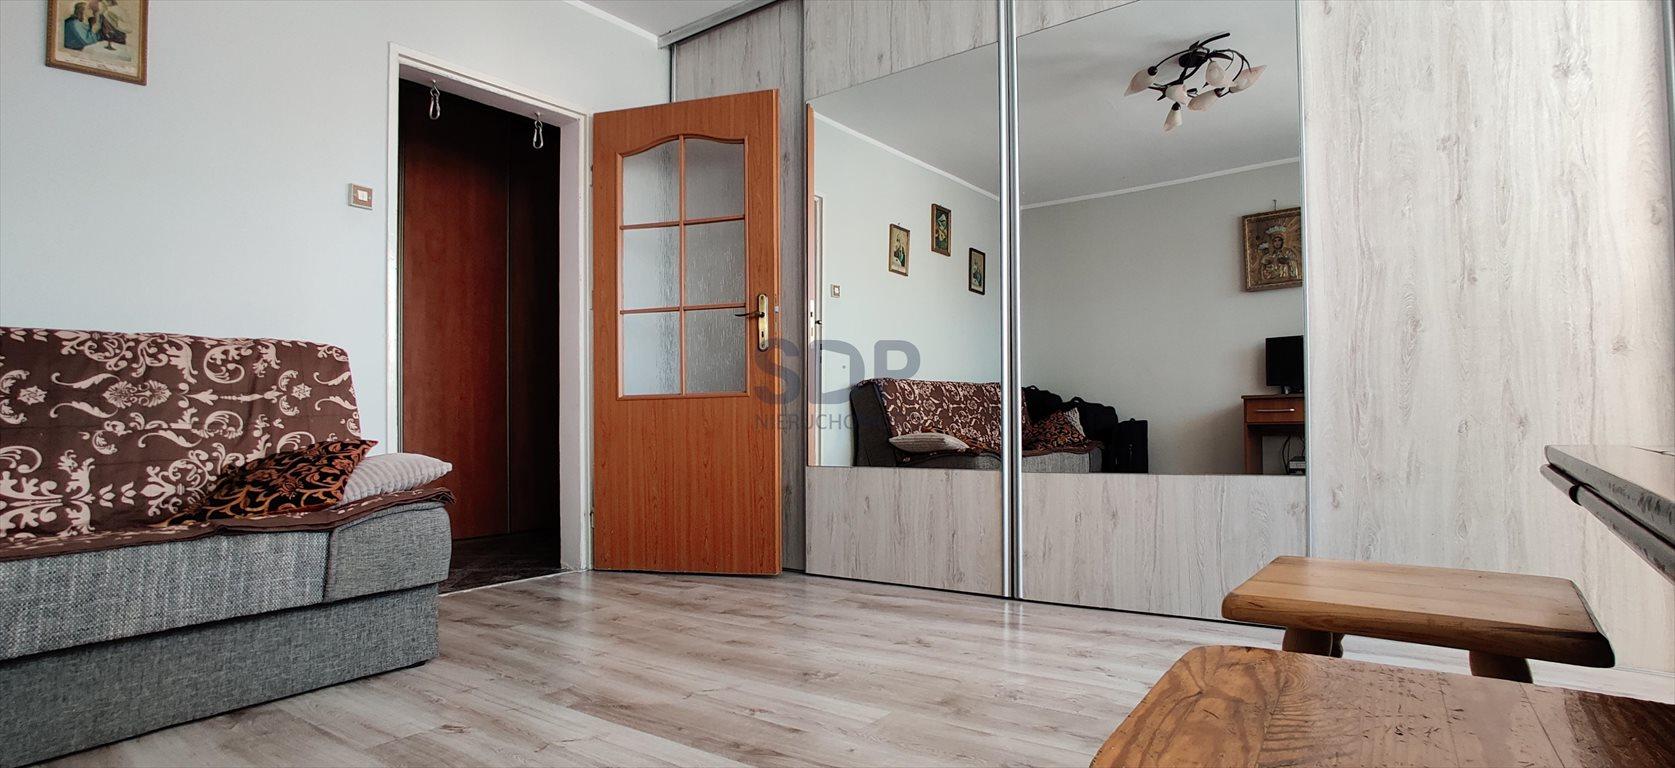 Mieszkanie trzypokojowe na sprzedaż Wrocław, Krzyki, Huby, Gliniana  62m2 Foto 2